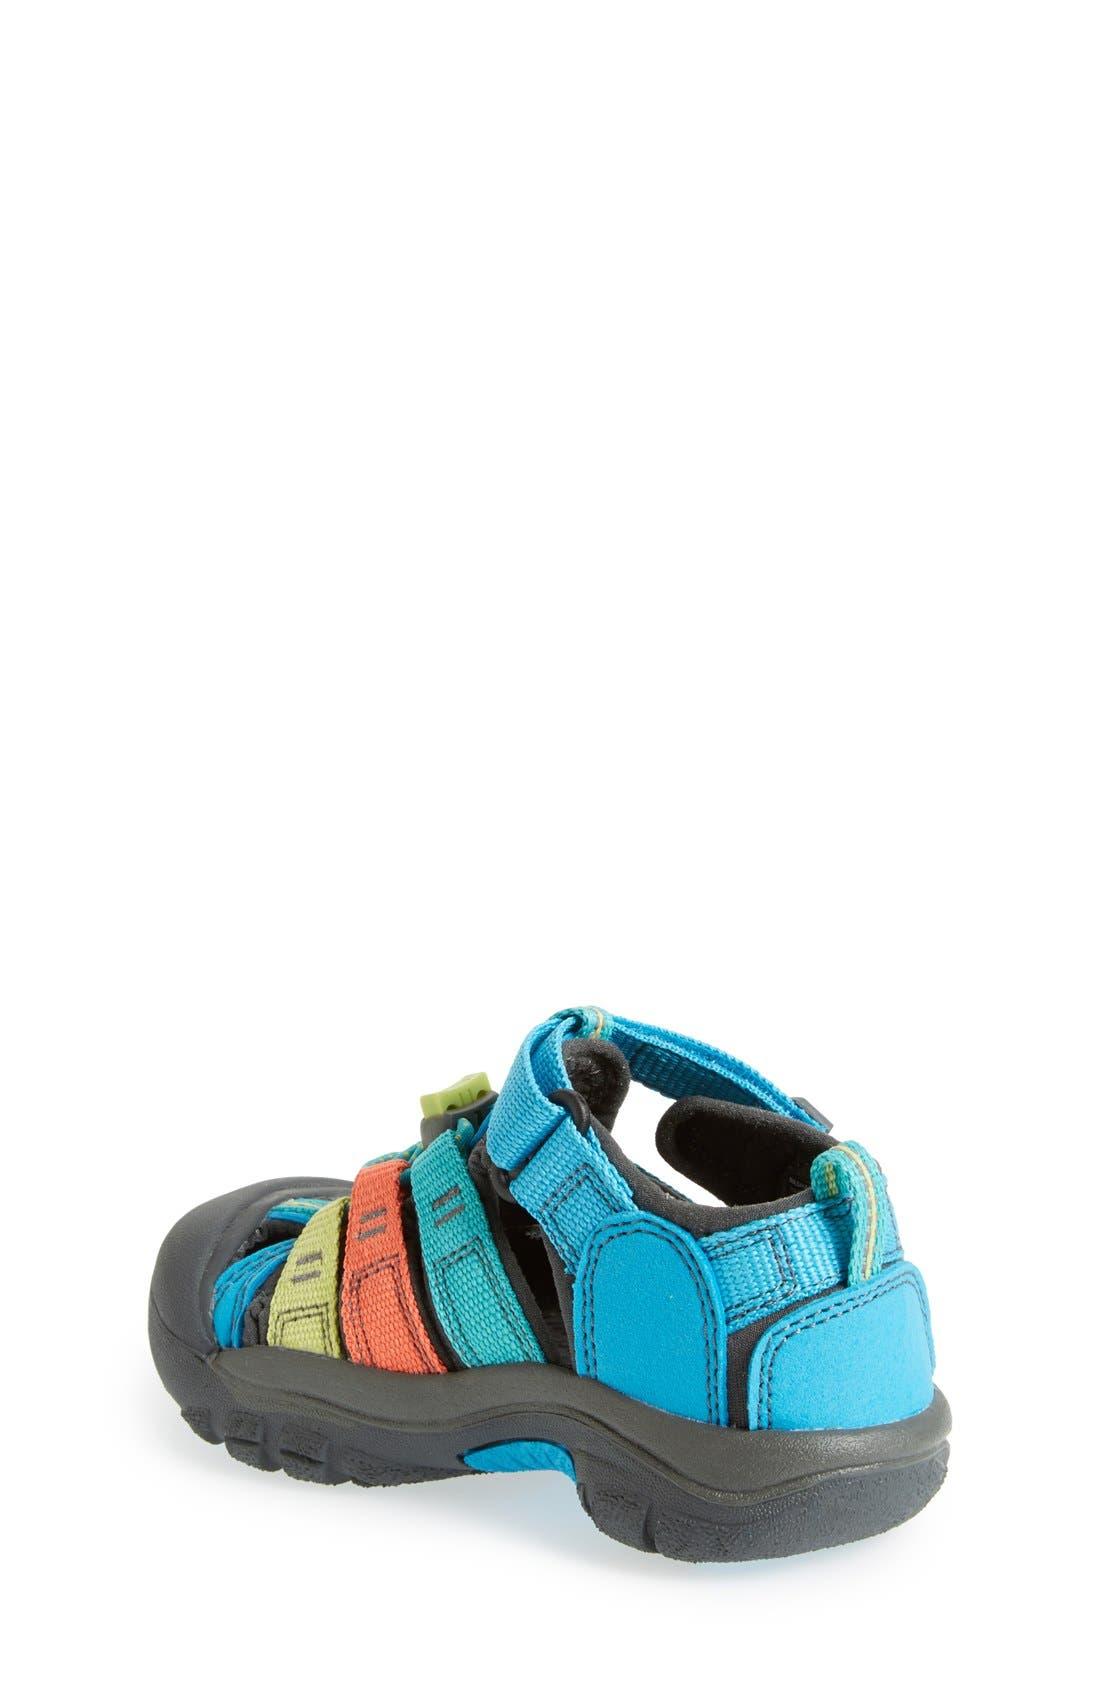 Alternate Image 2  - Keen 'Newport H2' Waterproof Sandal (Baby, Walker, Toddler, Little Kid & Big Kid)